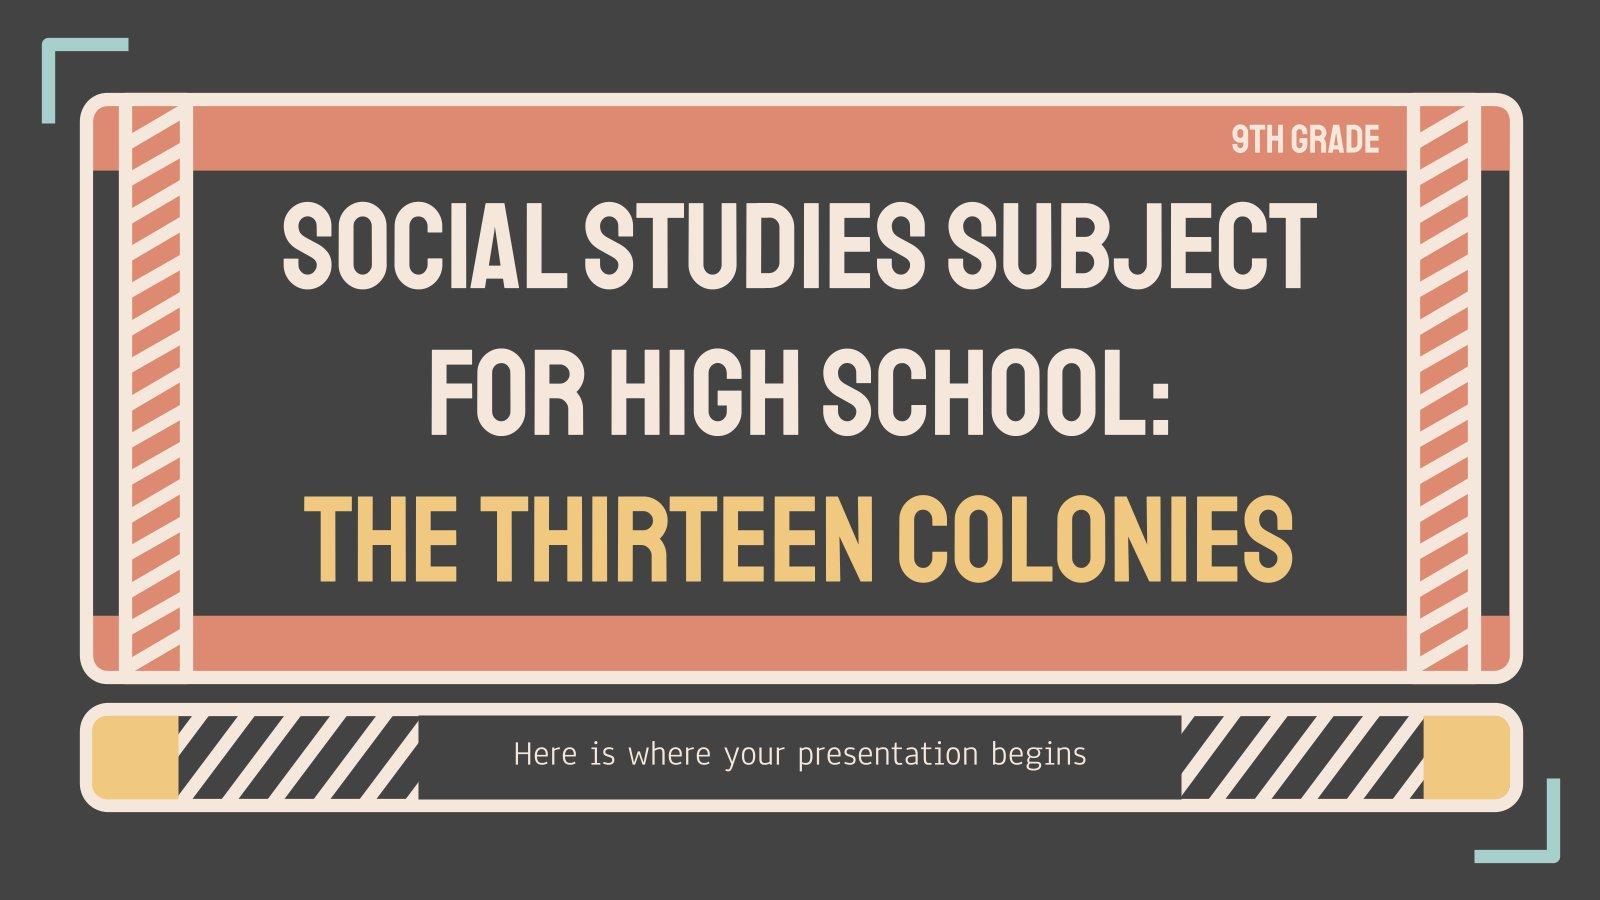 Études sociales pour le lycée: Les Treize Colonies : Modèles de présentation